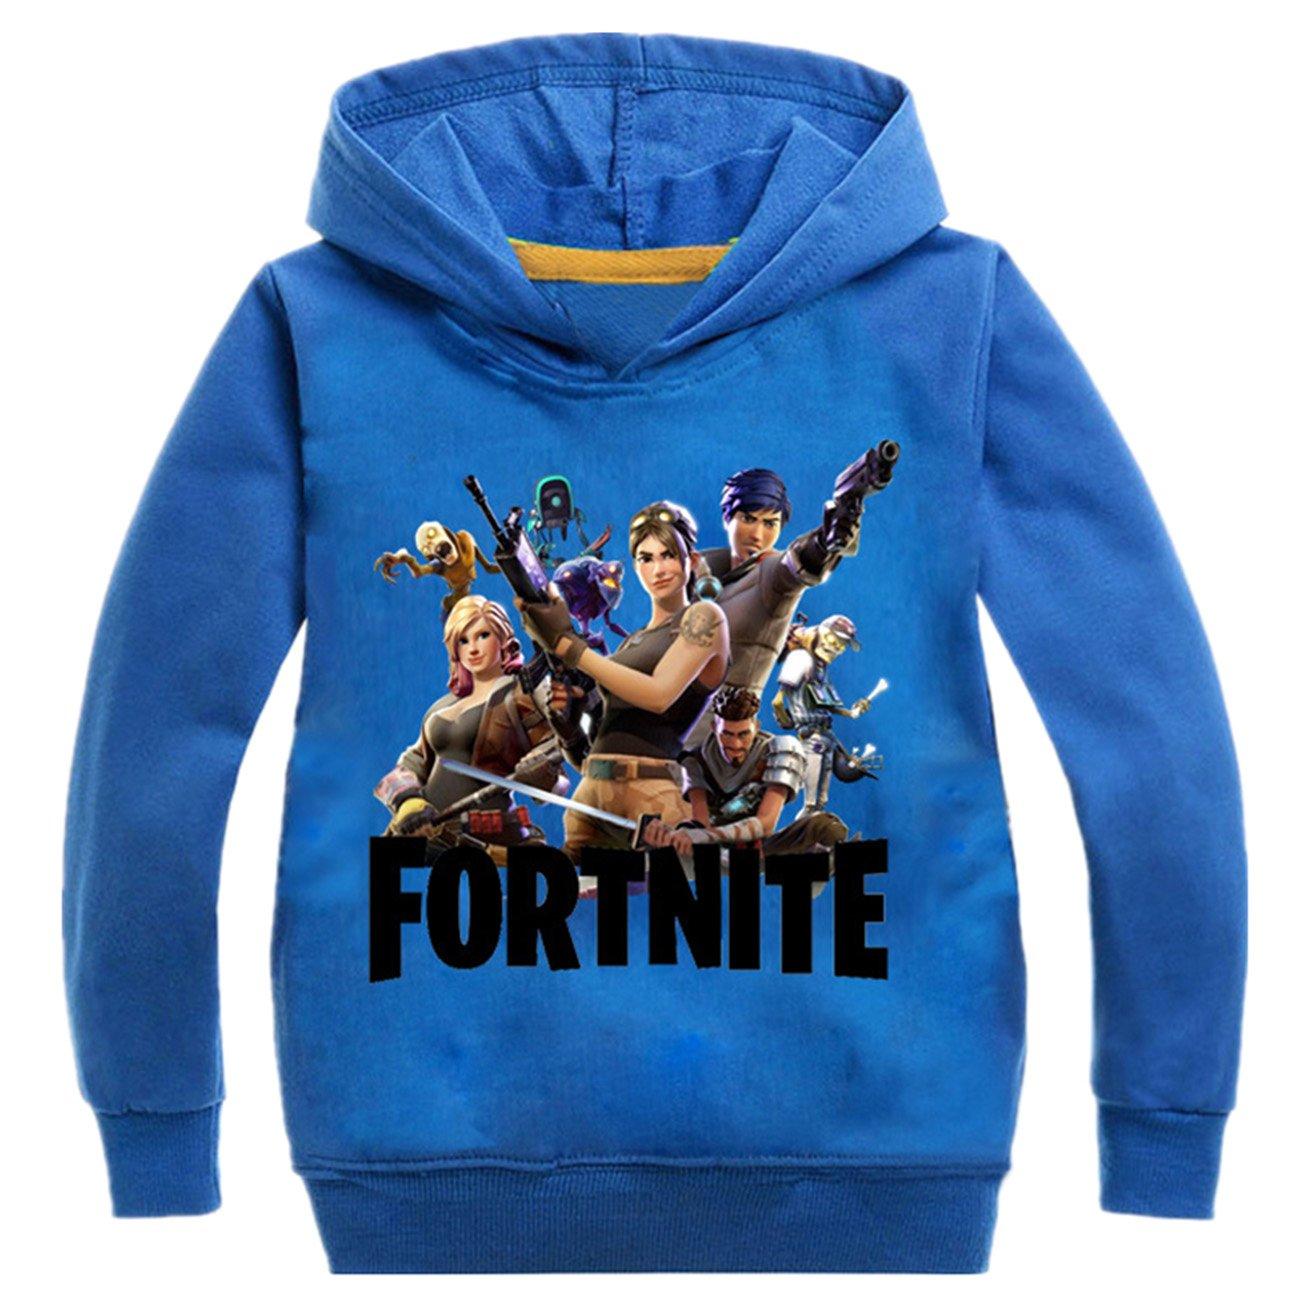 ZIGJOY Fortnite Gaming Gamer Coton Unisexe Confortable à Capuche pour Les Enfants ZZIGJOY-XL-DM-T058-B1